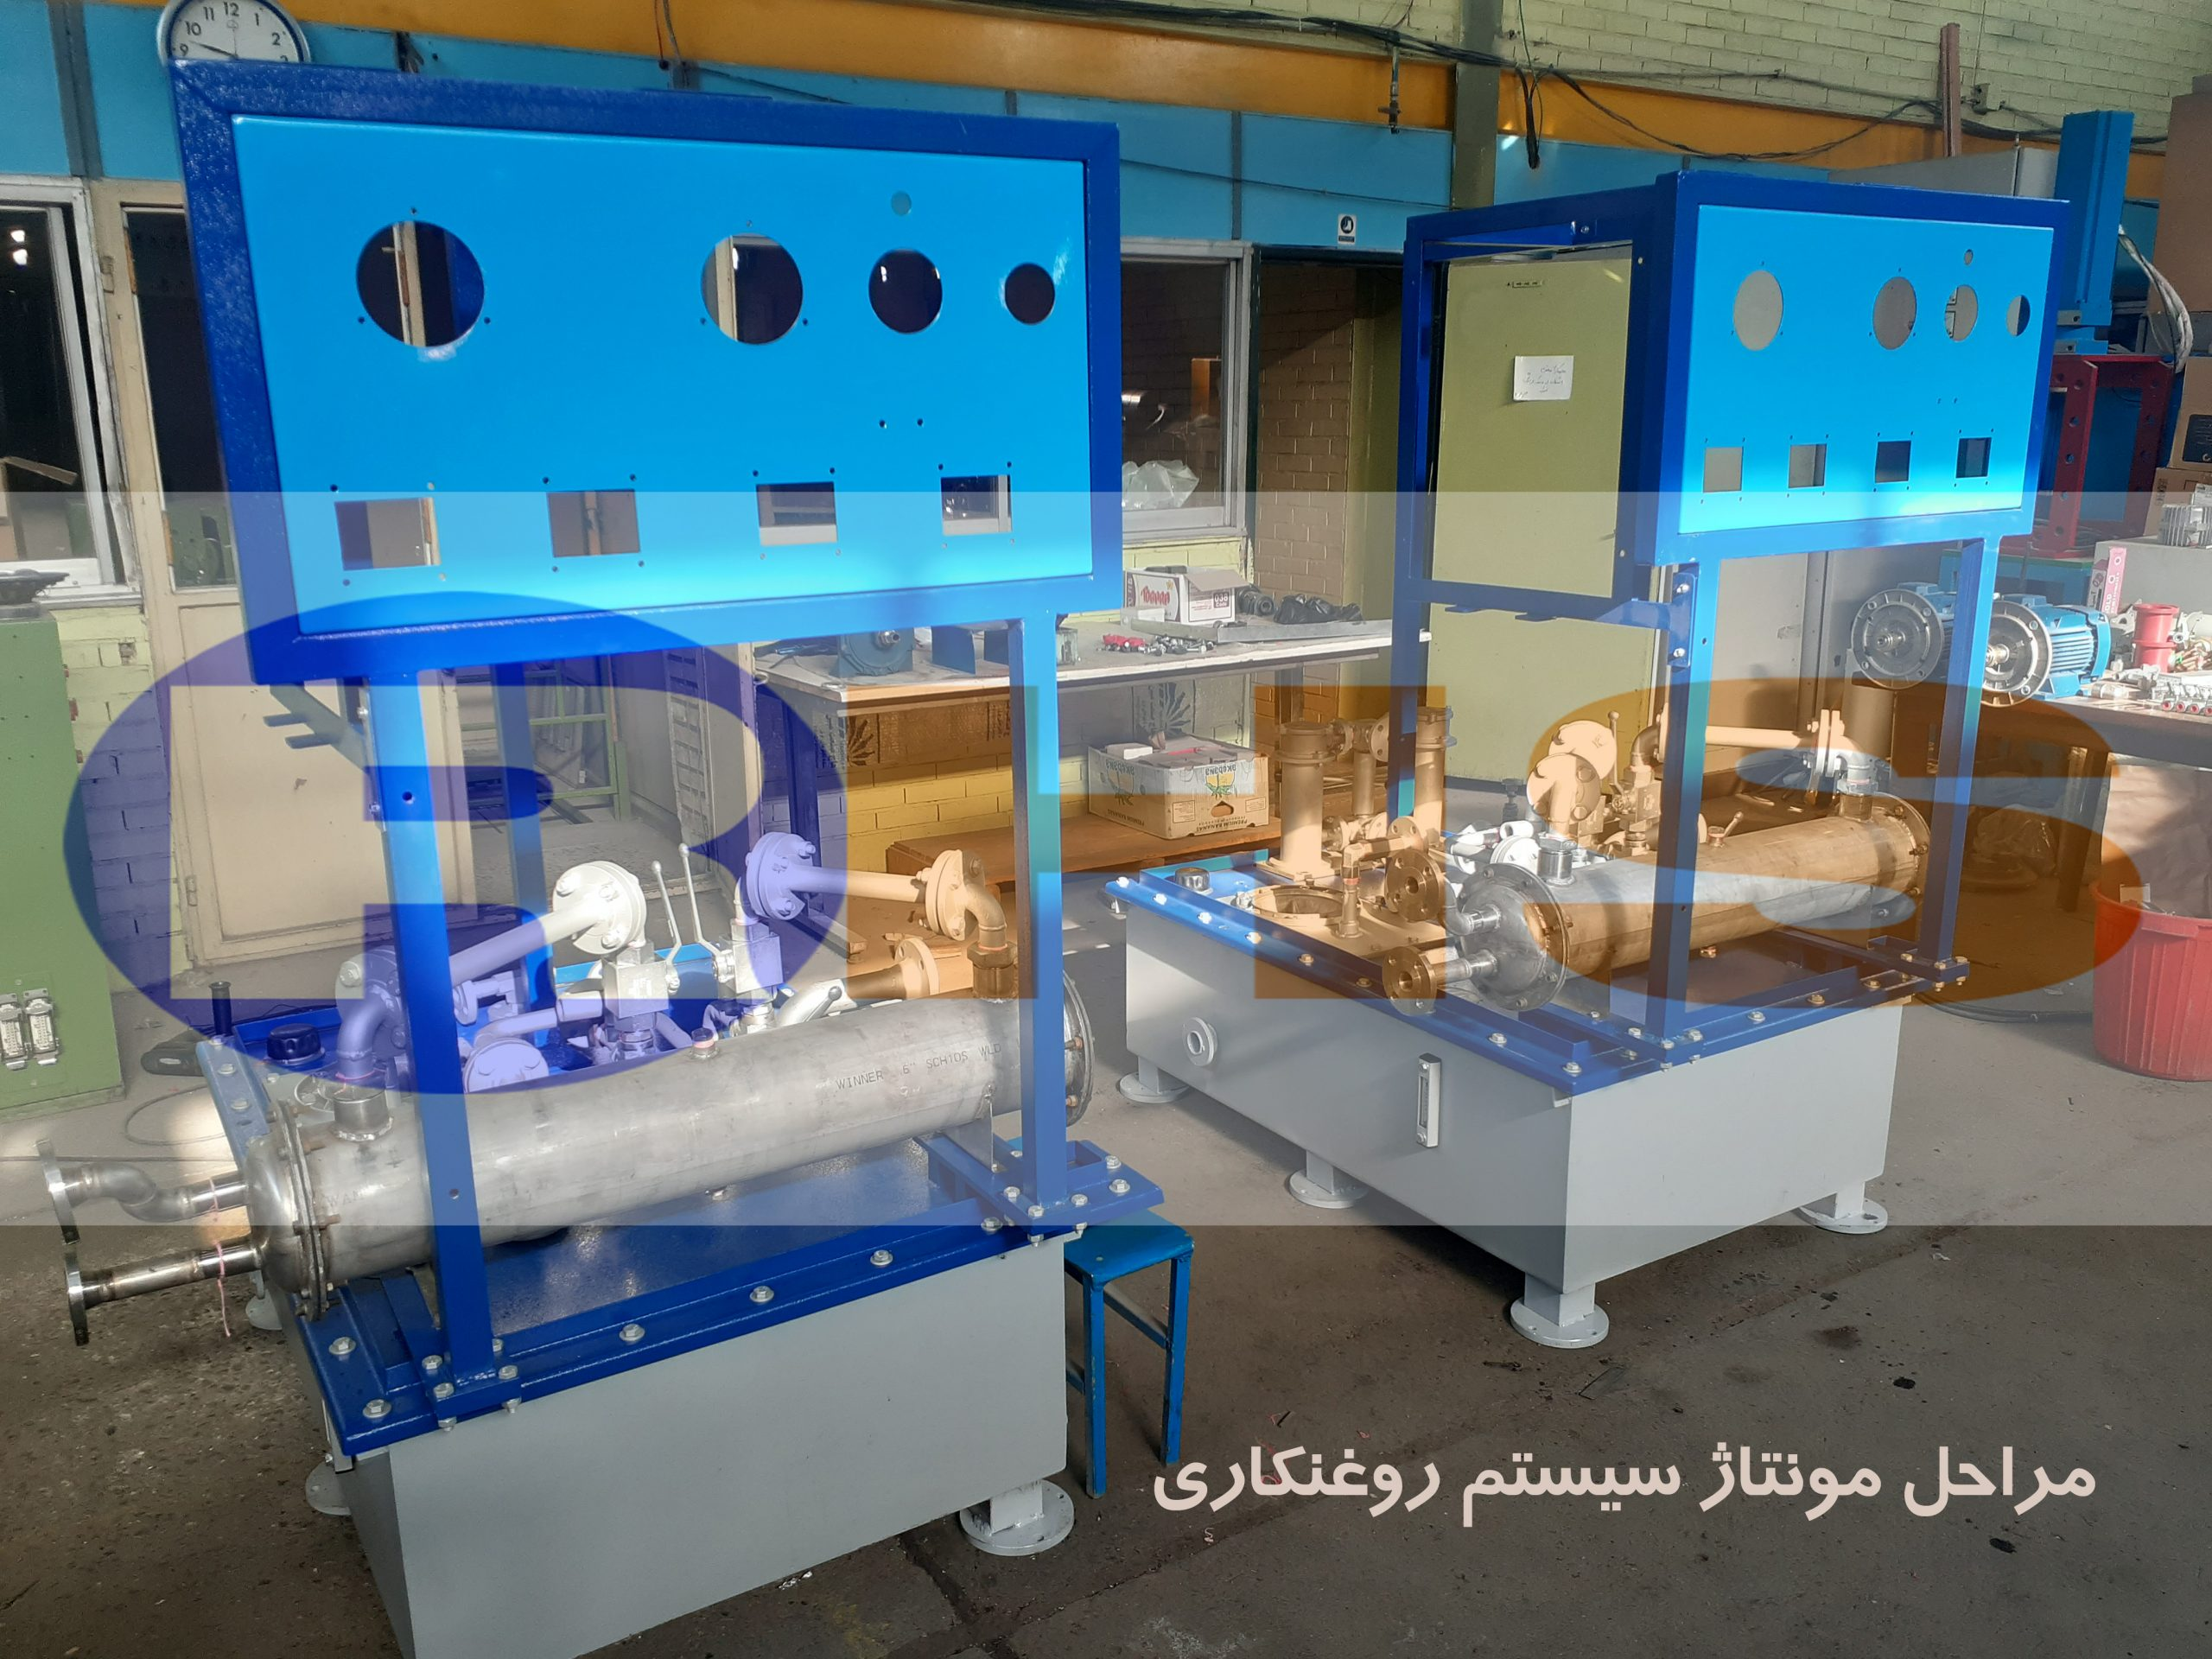 ساخت روغنکاری توربین بخار